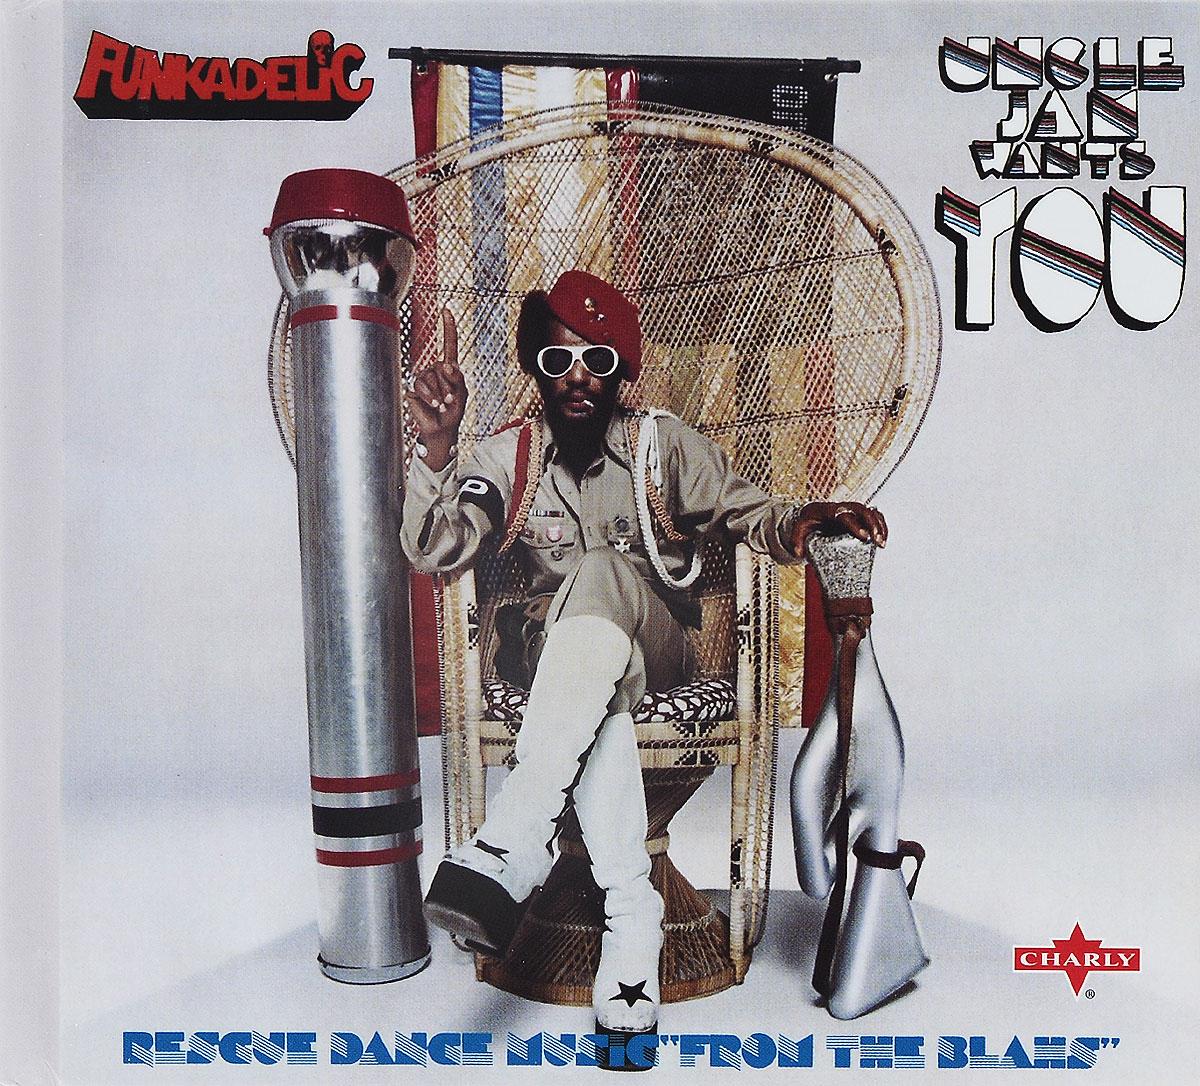 Funkadelic. Uncle Jam Wants You 2014 Audio CD